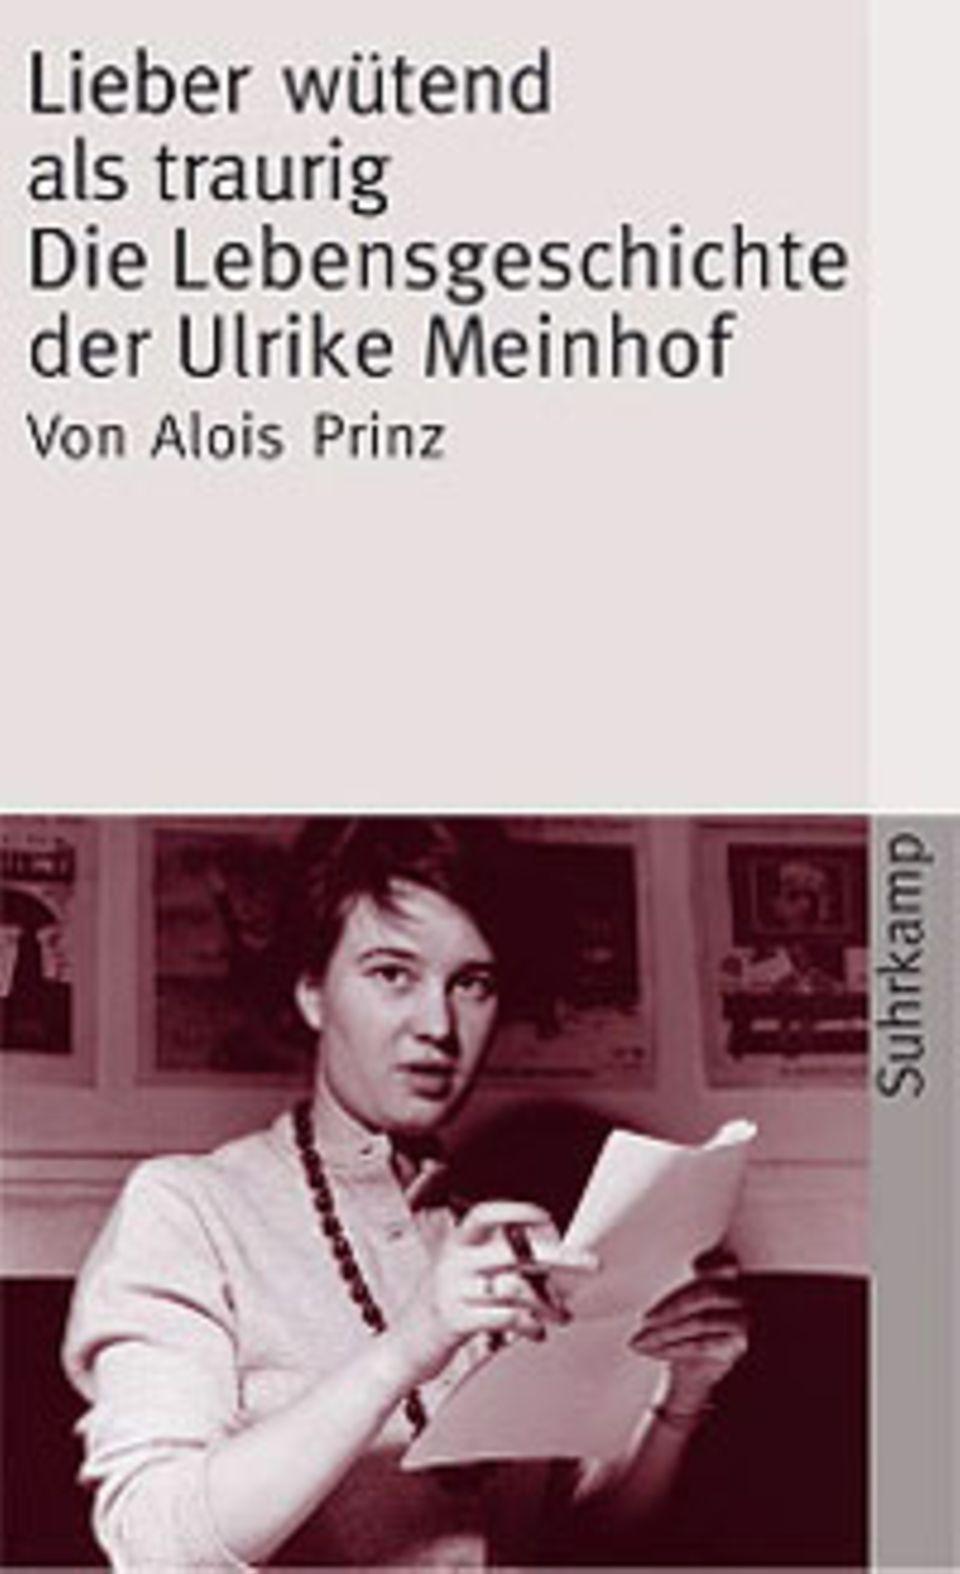 Bücher von Alois Prinz